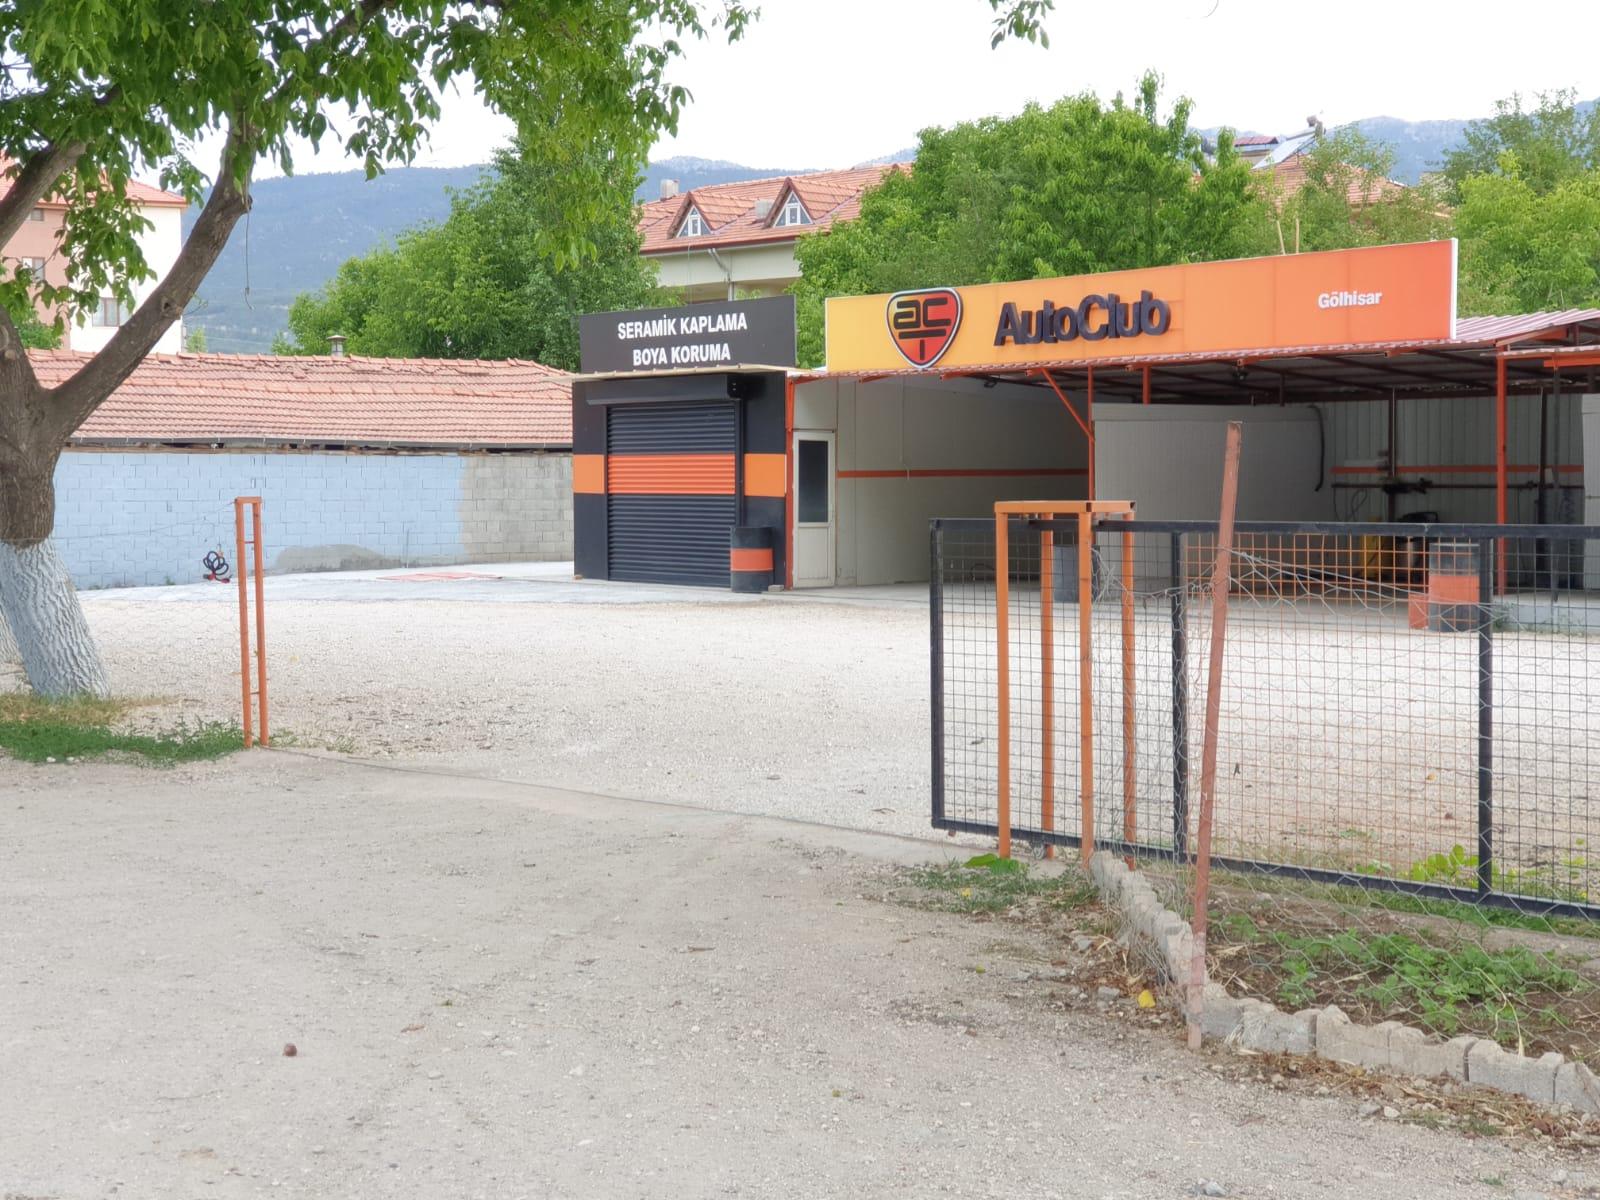 AutoClub Gölhisar - Burdur Gölhisar